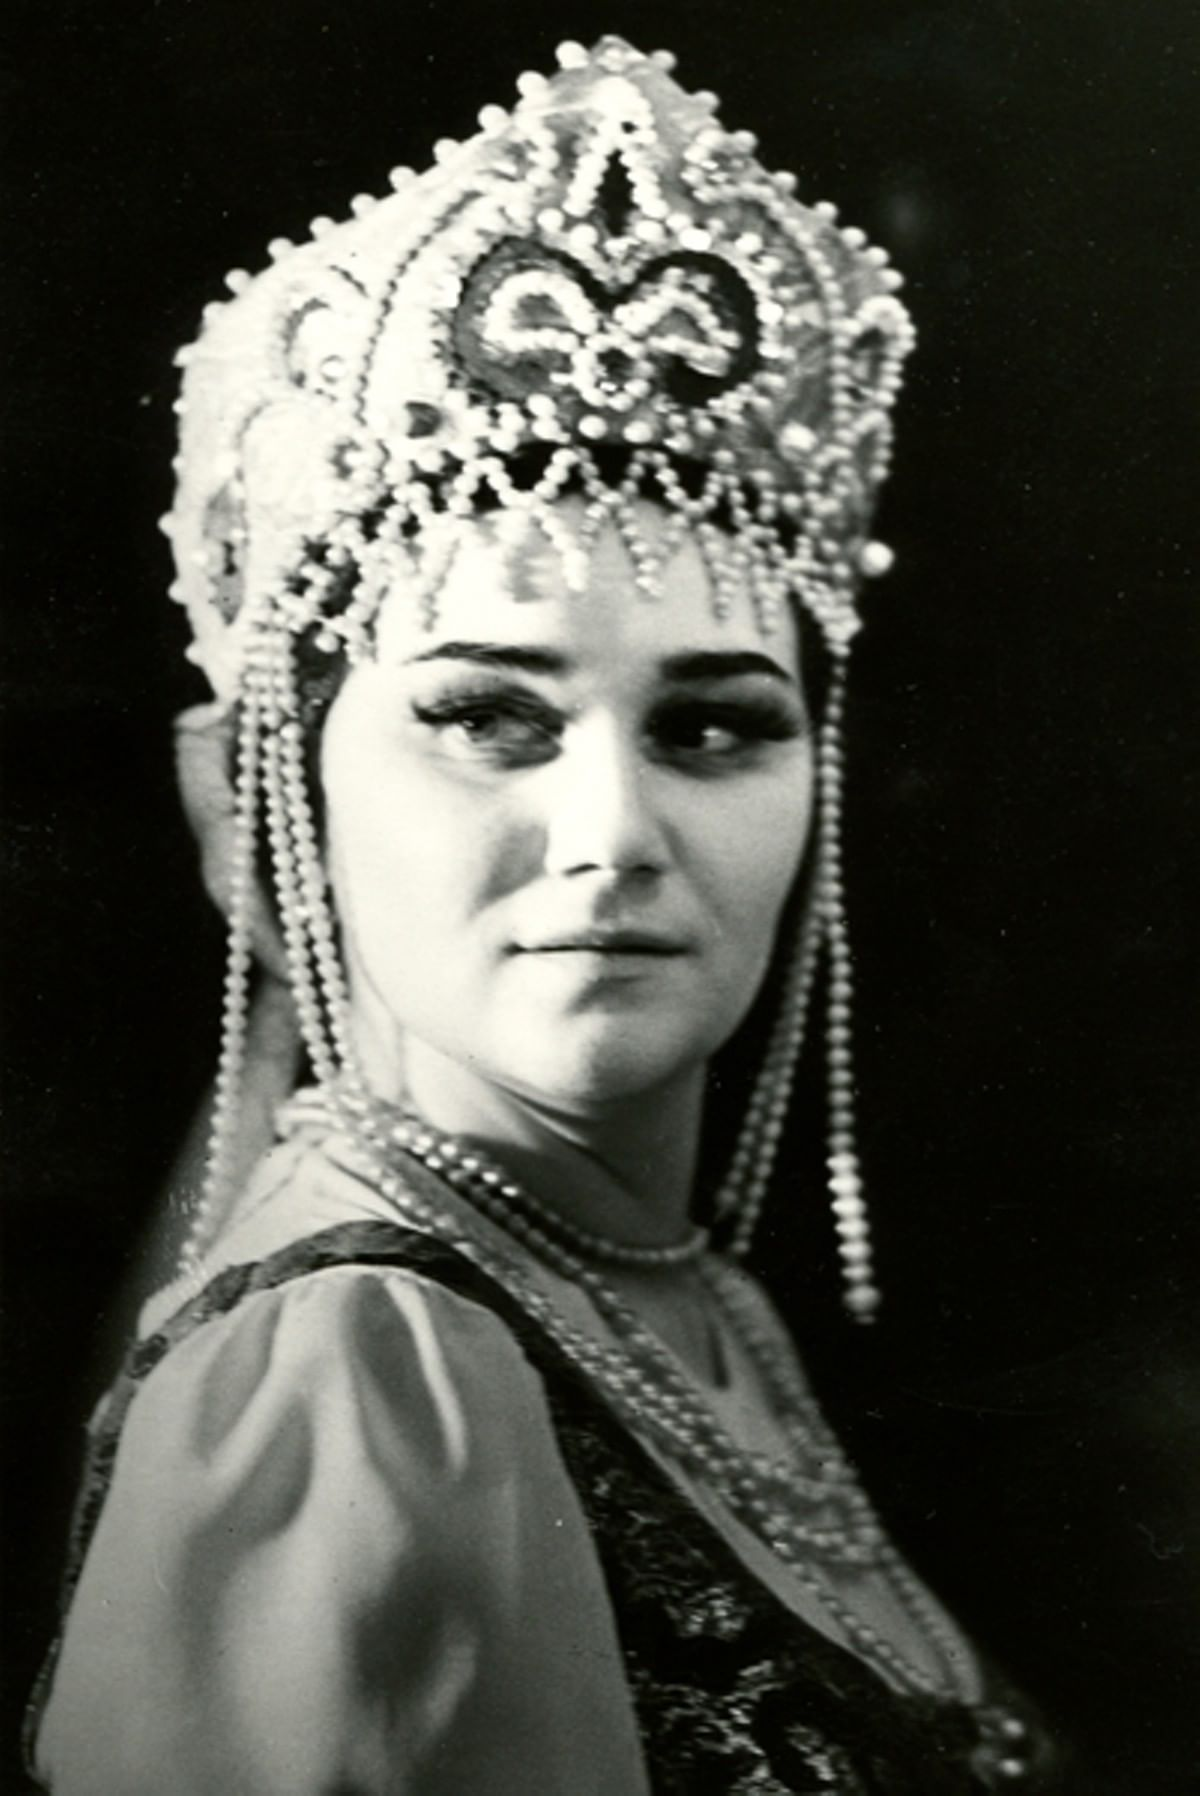 Тамара Синявская. Благородная Примадонна. Галерея 1